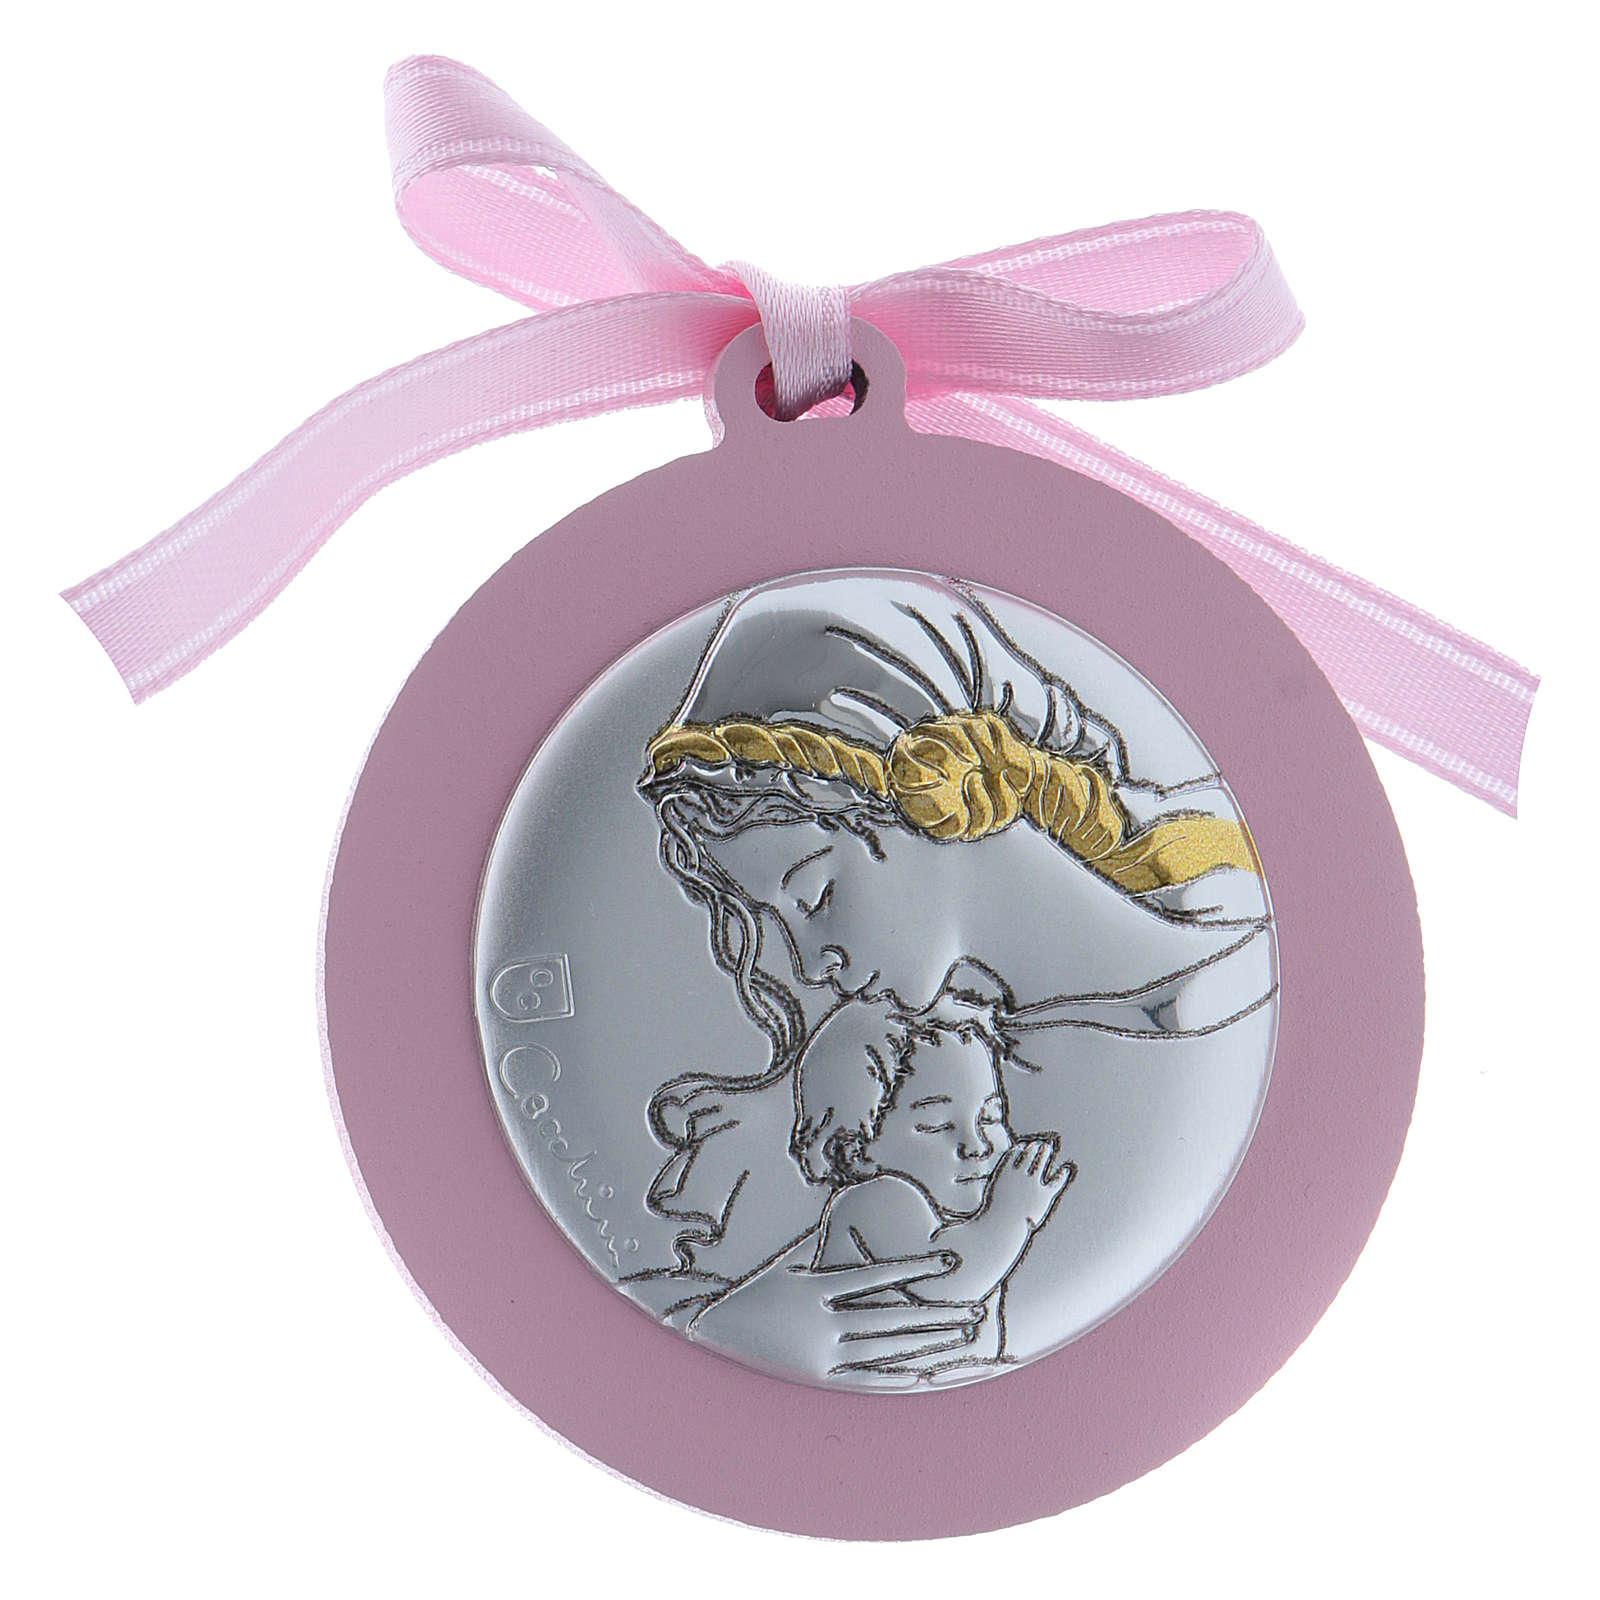 Medalhão berço Virgem Menino bilaminado detalhes ouro fita cor-de-rosa 4